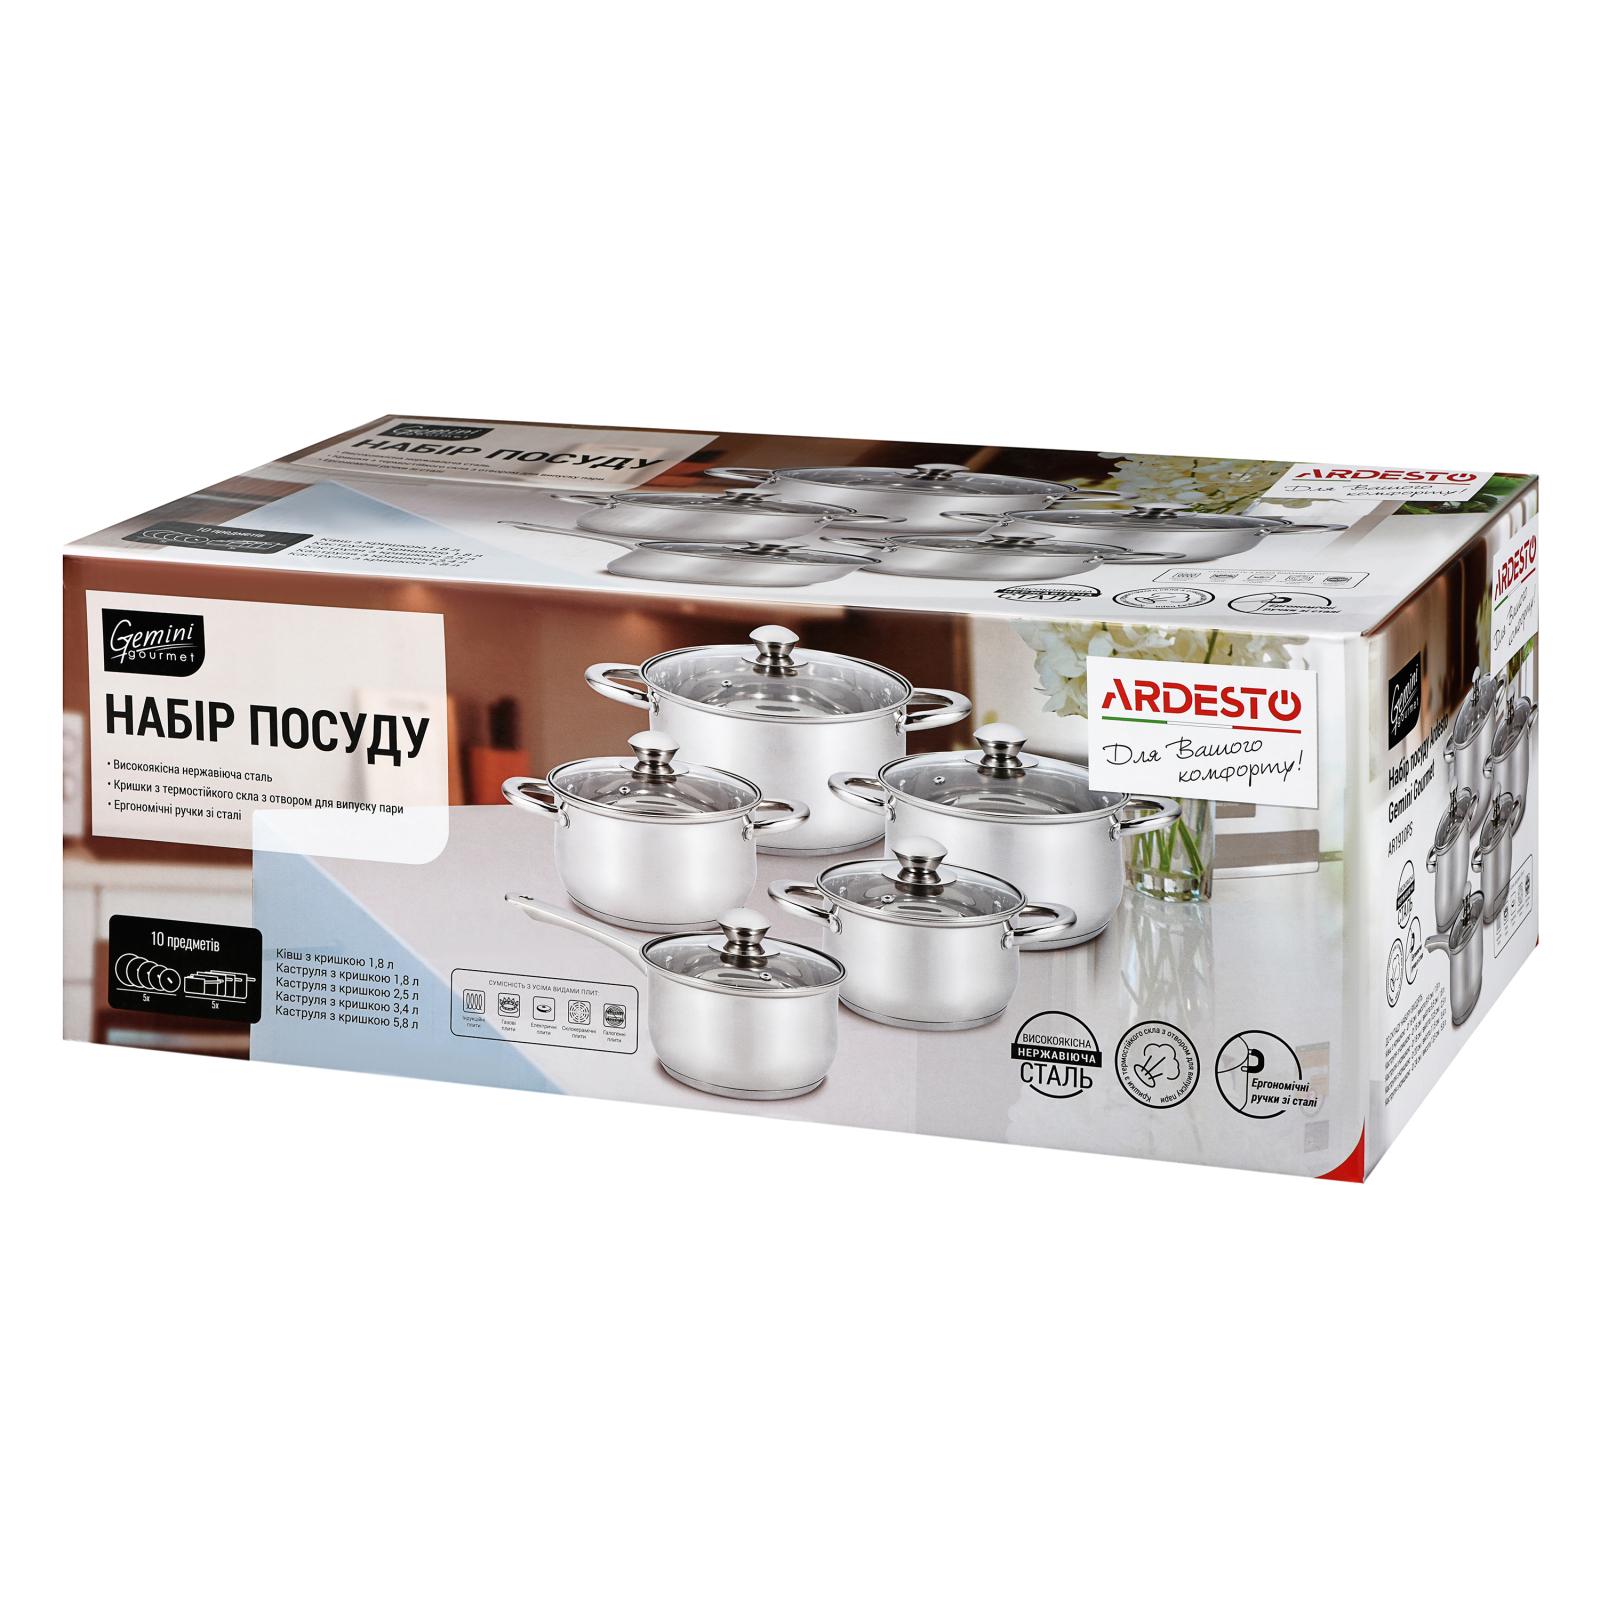 Набір посуду Ardesto Gemini Gourmet 10 предметів (AR1910PS) зображення 4